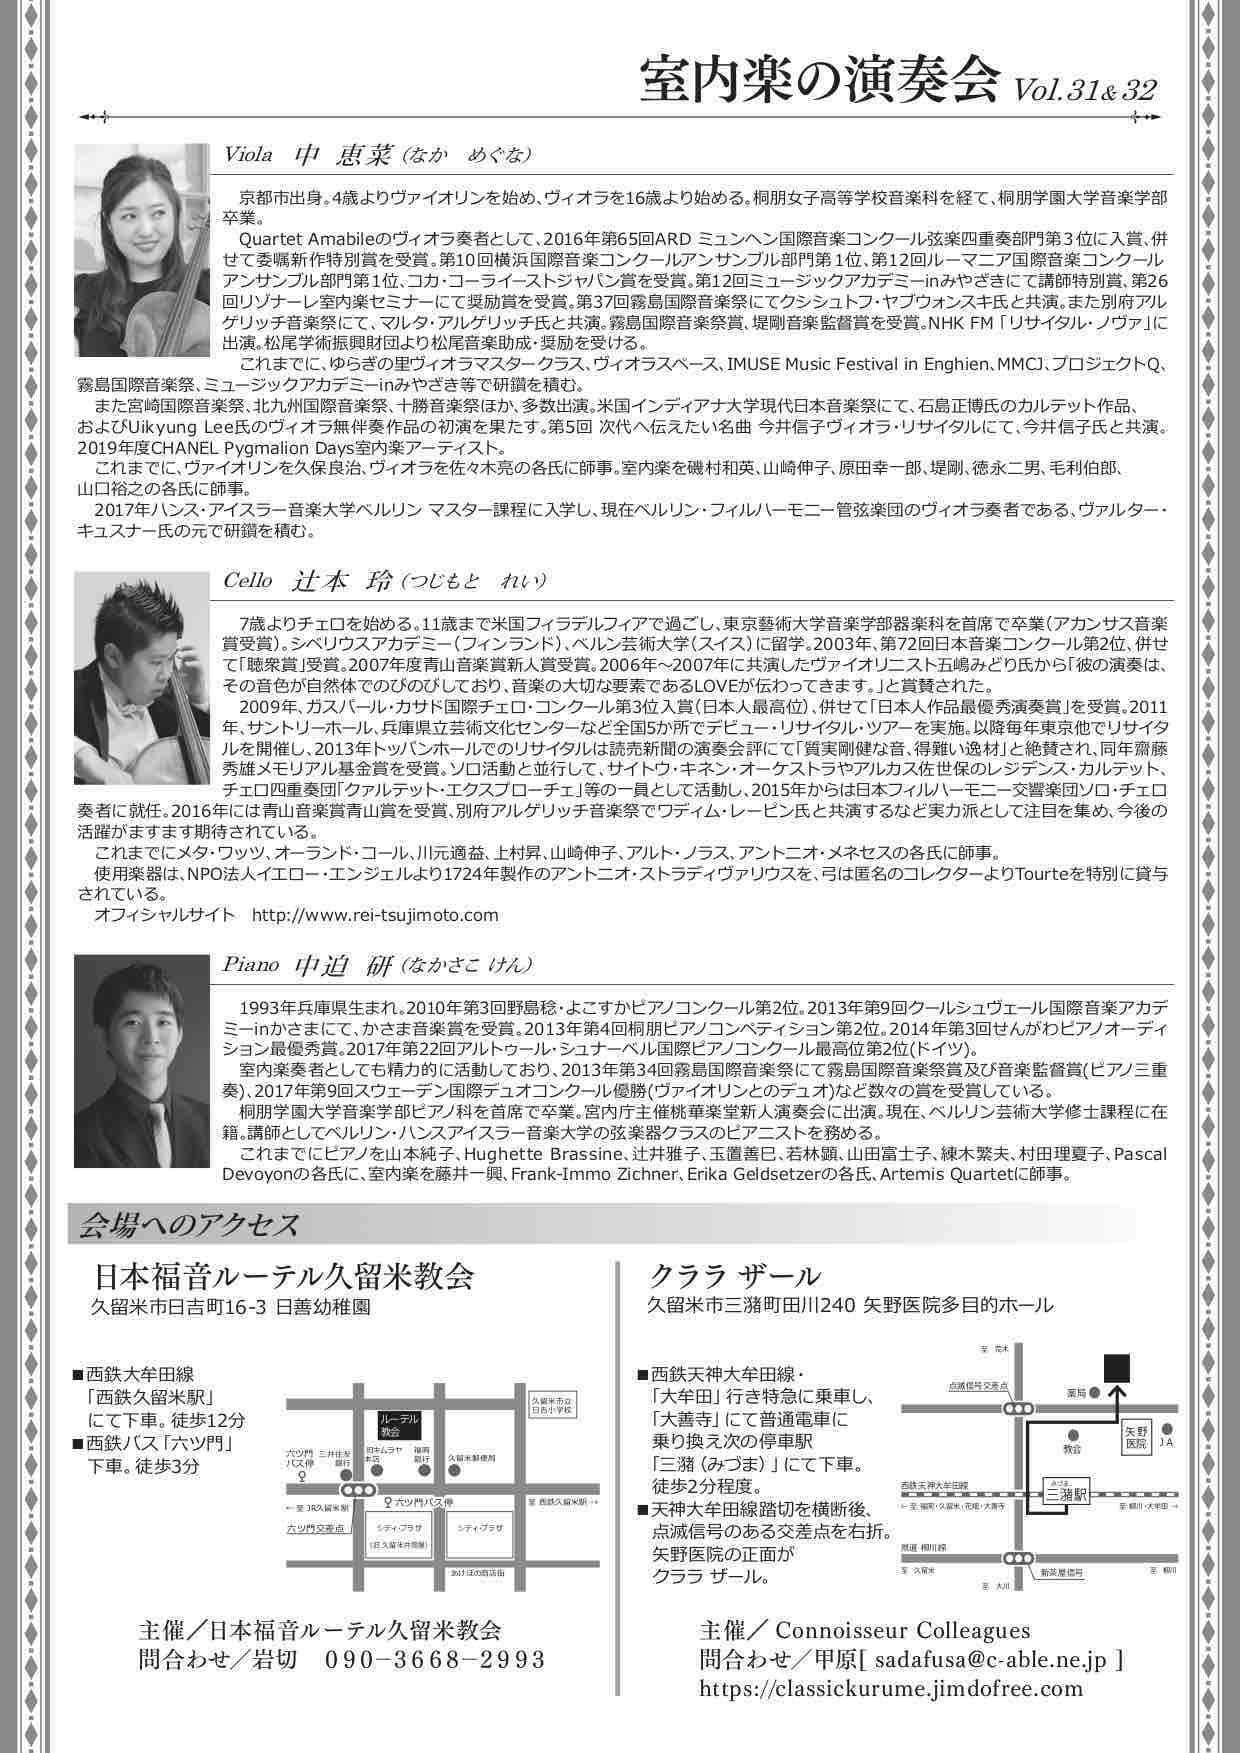 久留米公演-裏面-修正済20190110